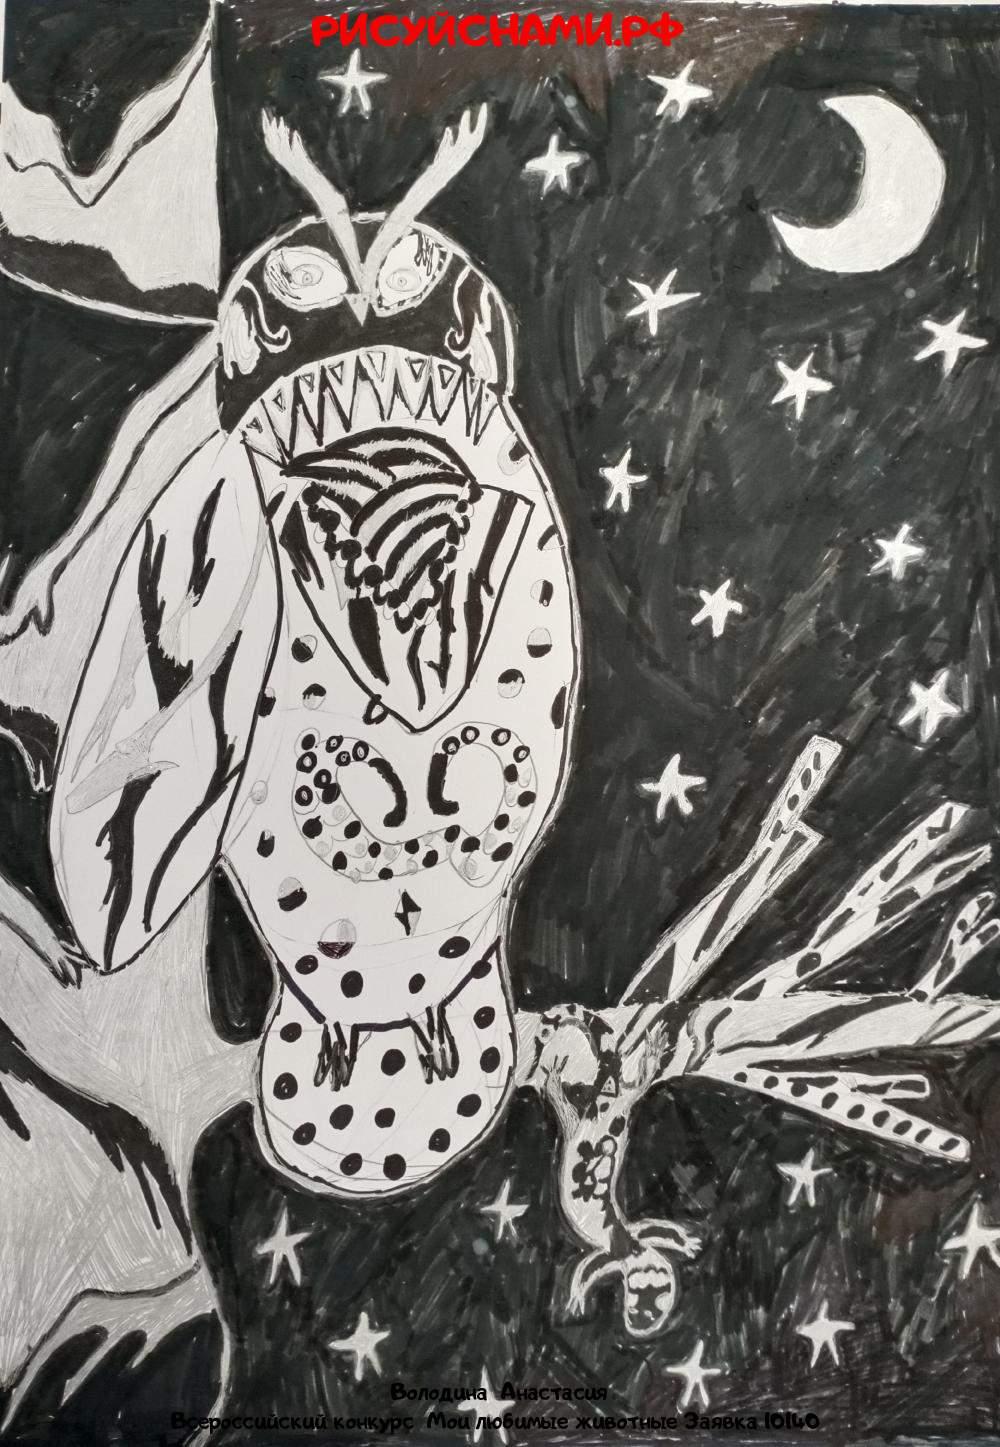 Всероссийский конкурс  Мои любимые животные Заявка 10140  творческие конкурсы рисунков для школьников и дошкольников рисуй с нами #тмрисуйснами рисунок и поделка - Володина  Анастасия